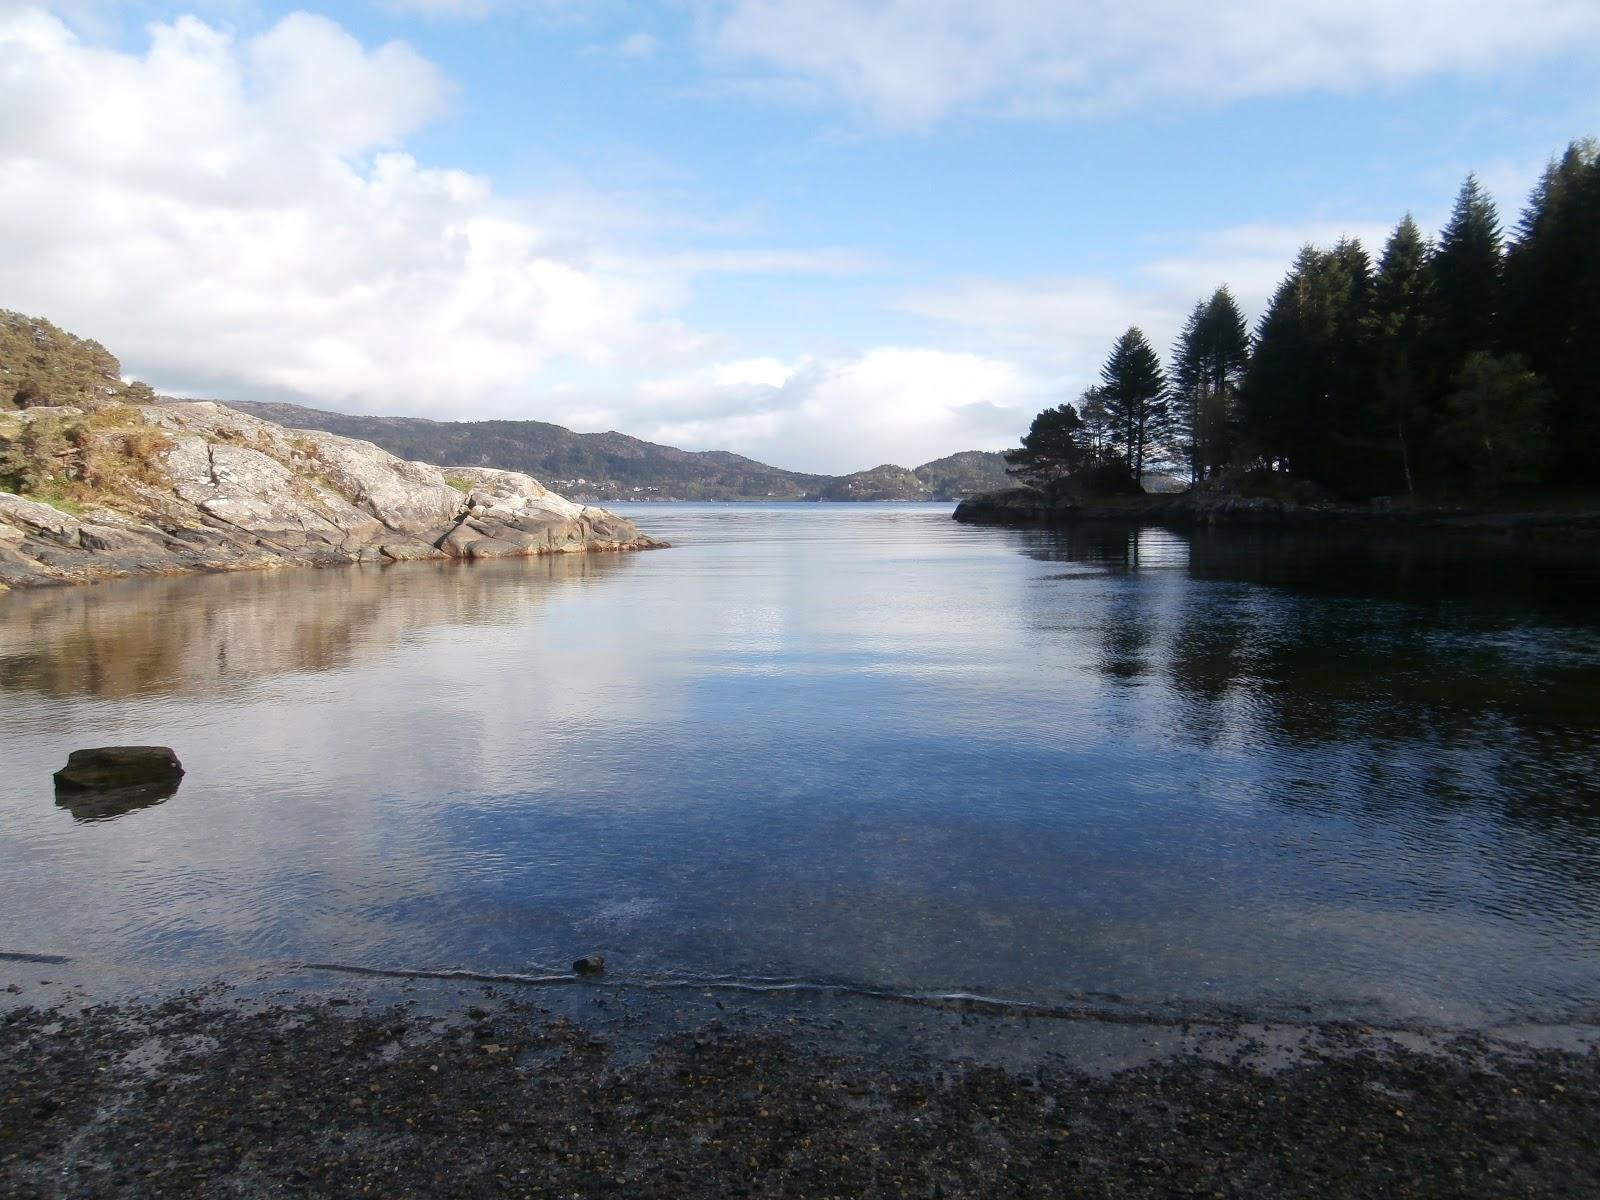 Výlet do Norska rozhodně stojí za to. Tak kdy se chystáte?